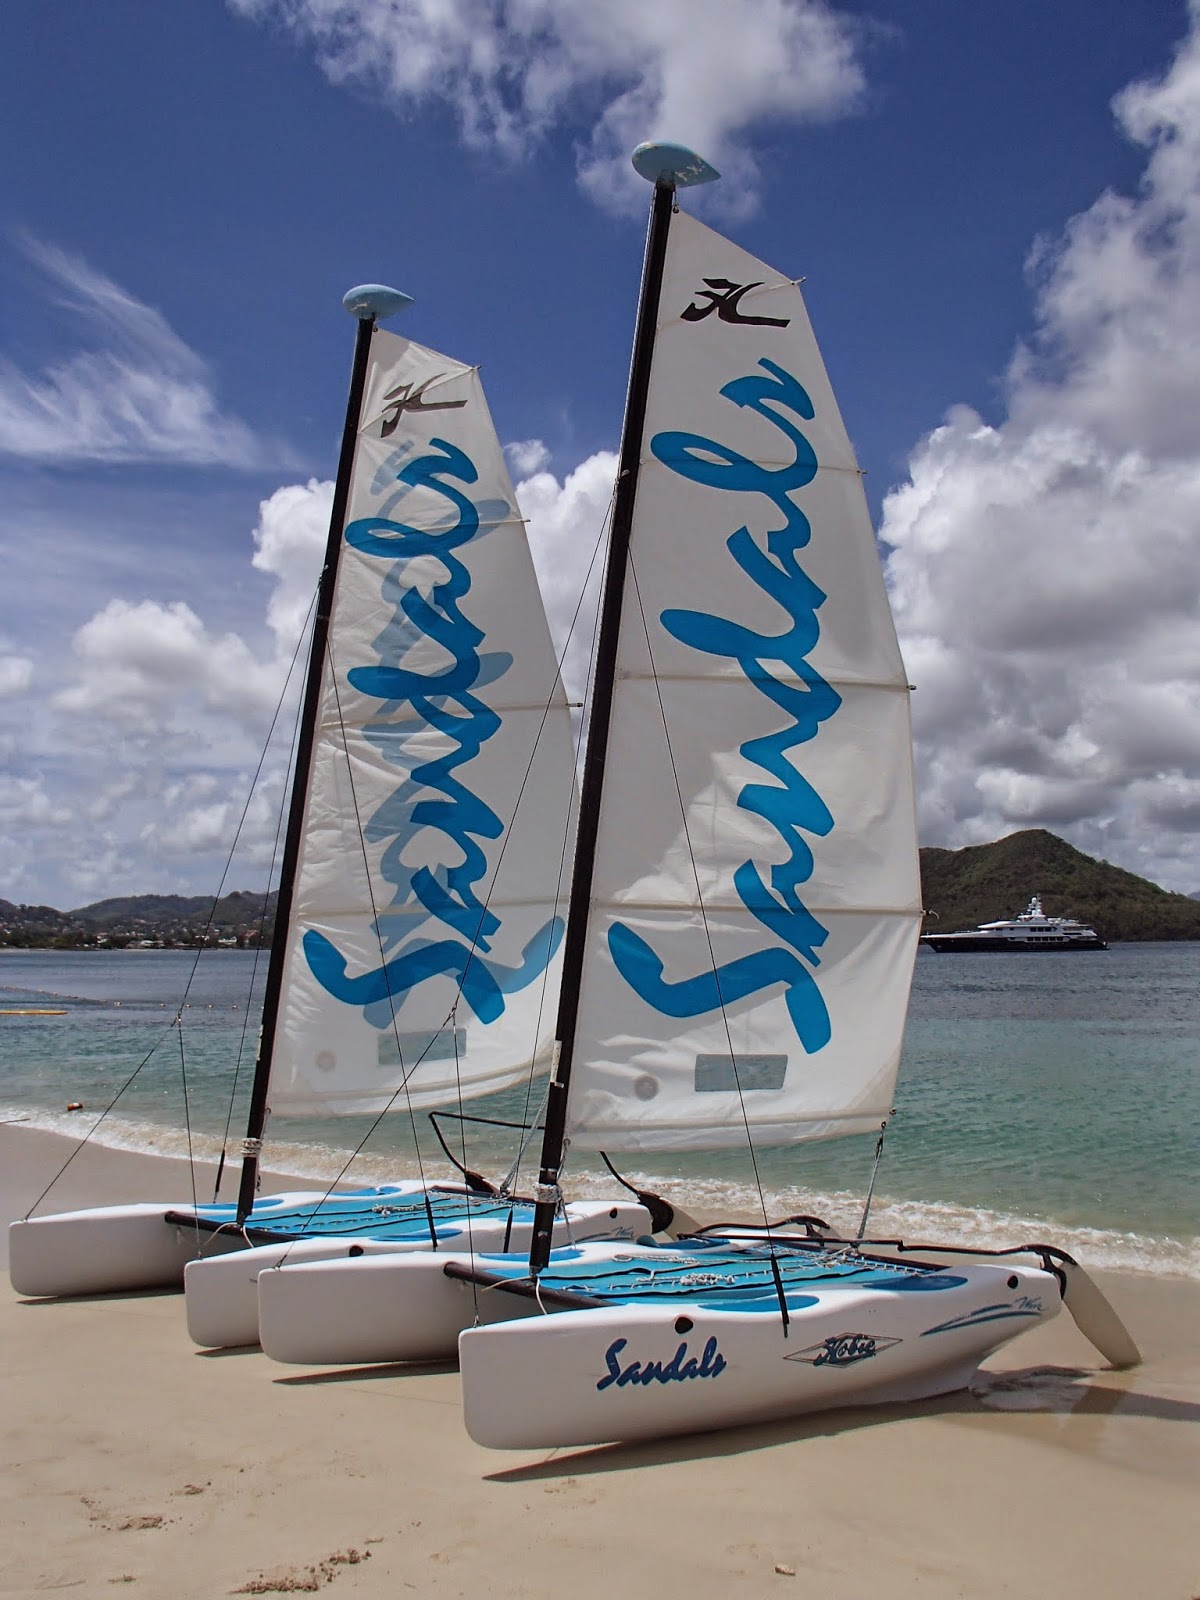 Sandals sailboats